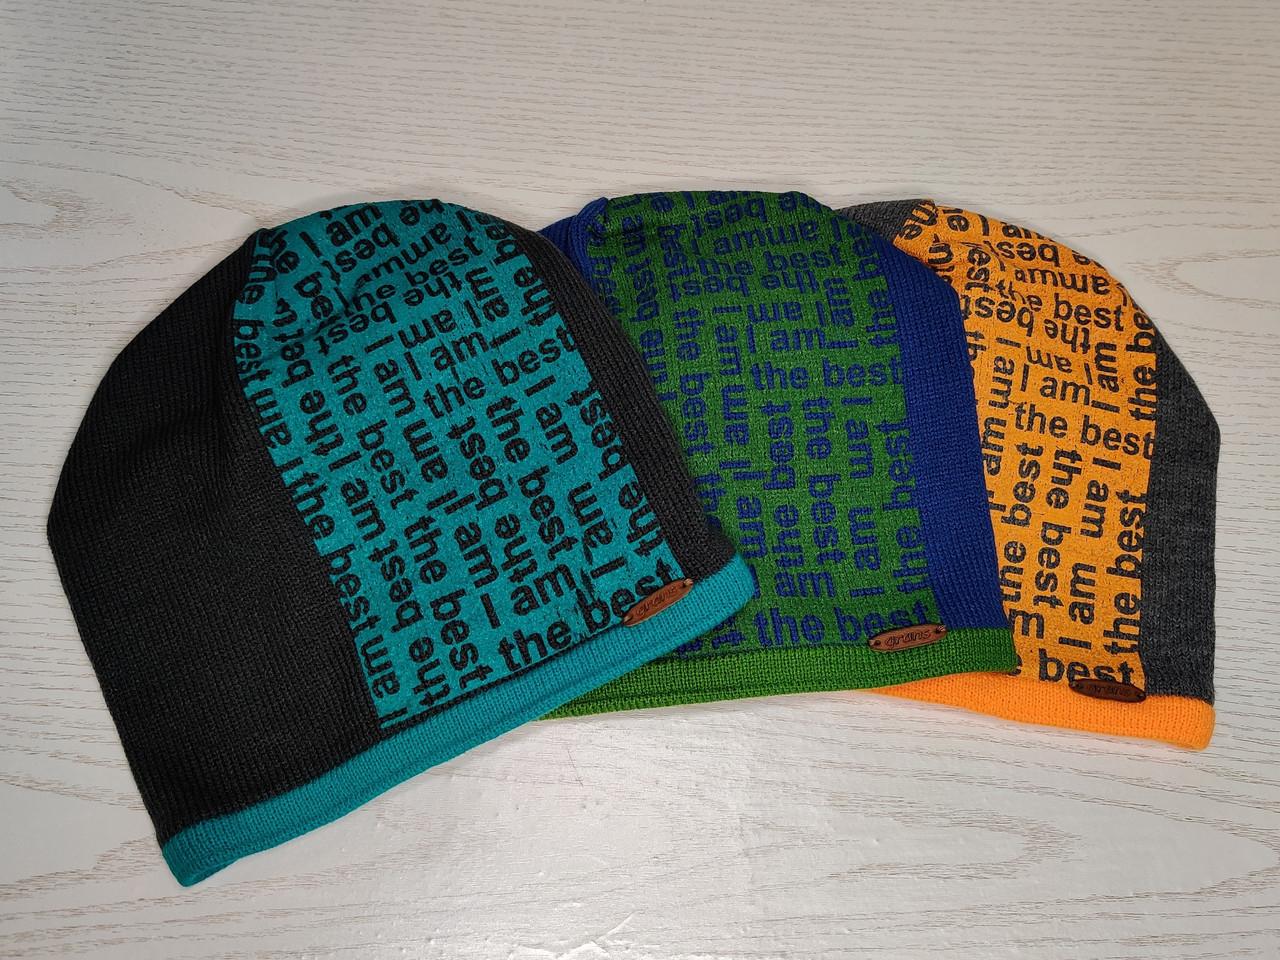 Шапочка для мальчика демисезонная на хлопковой подкладке Яркая шапка Размер 50-52 см Возраст 3-6 лет